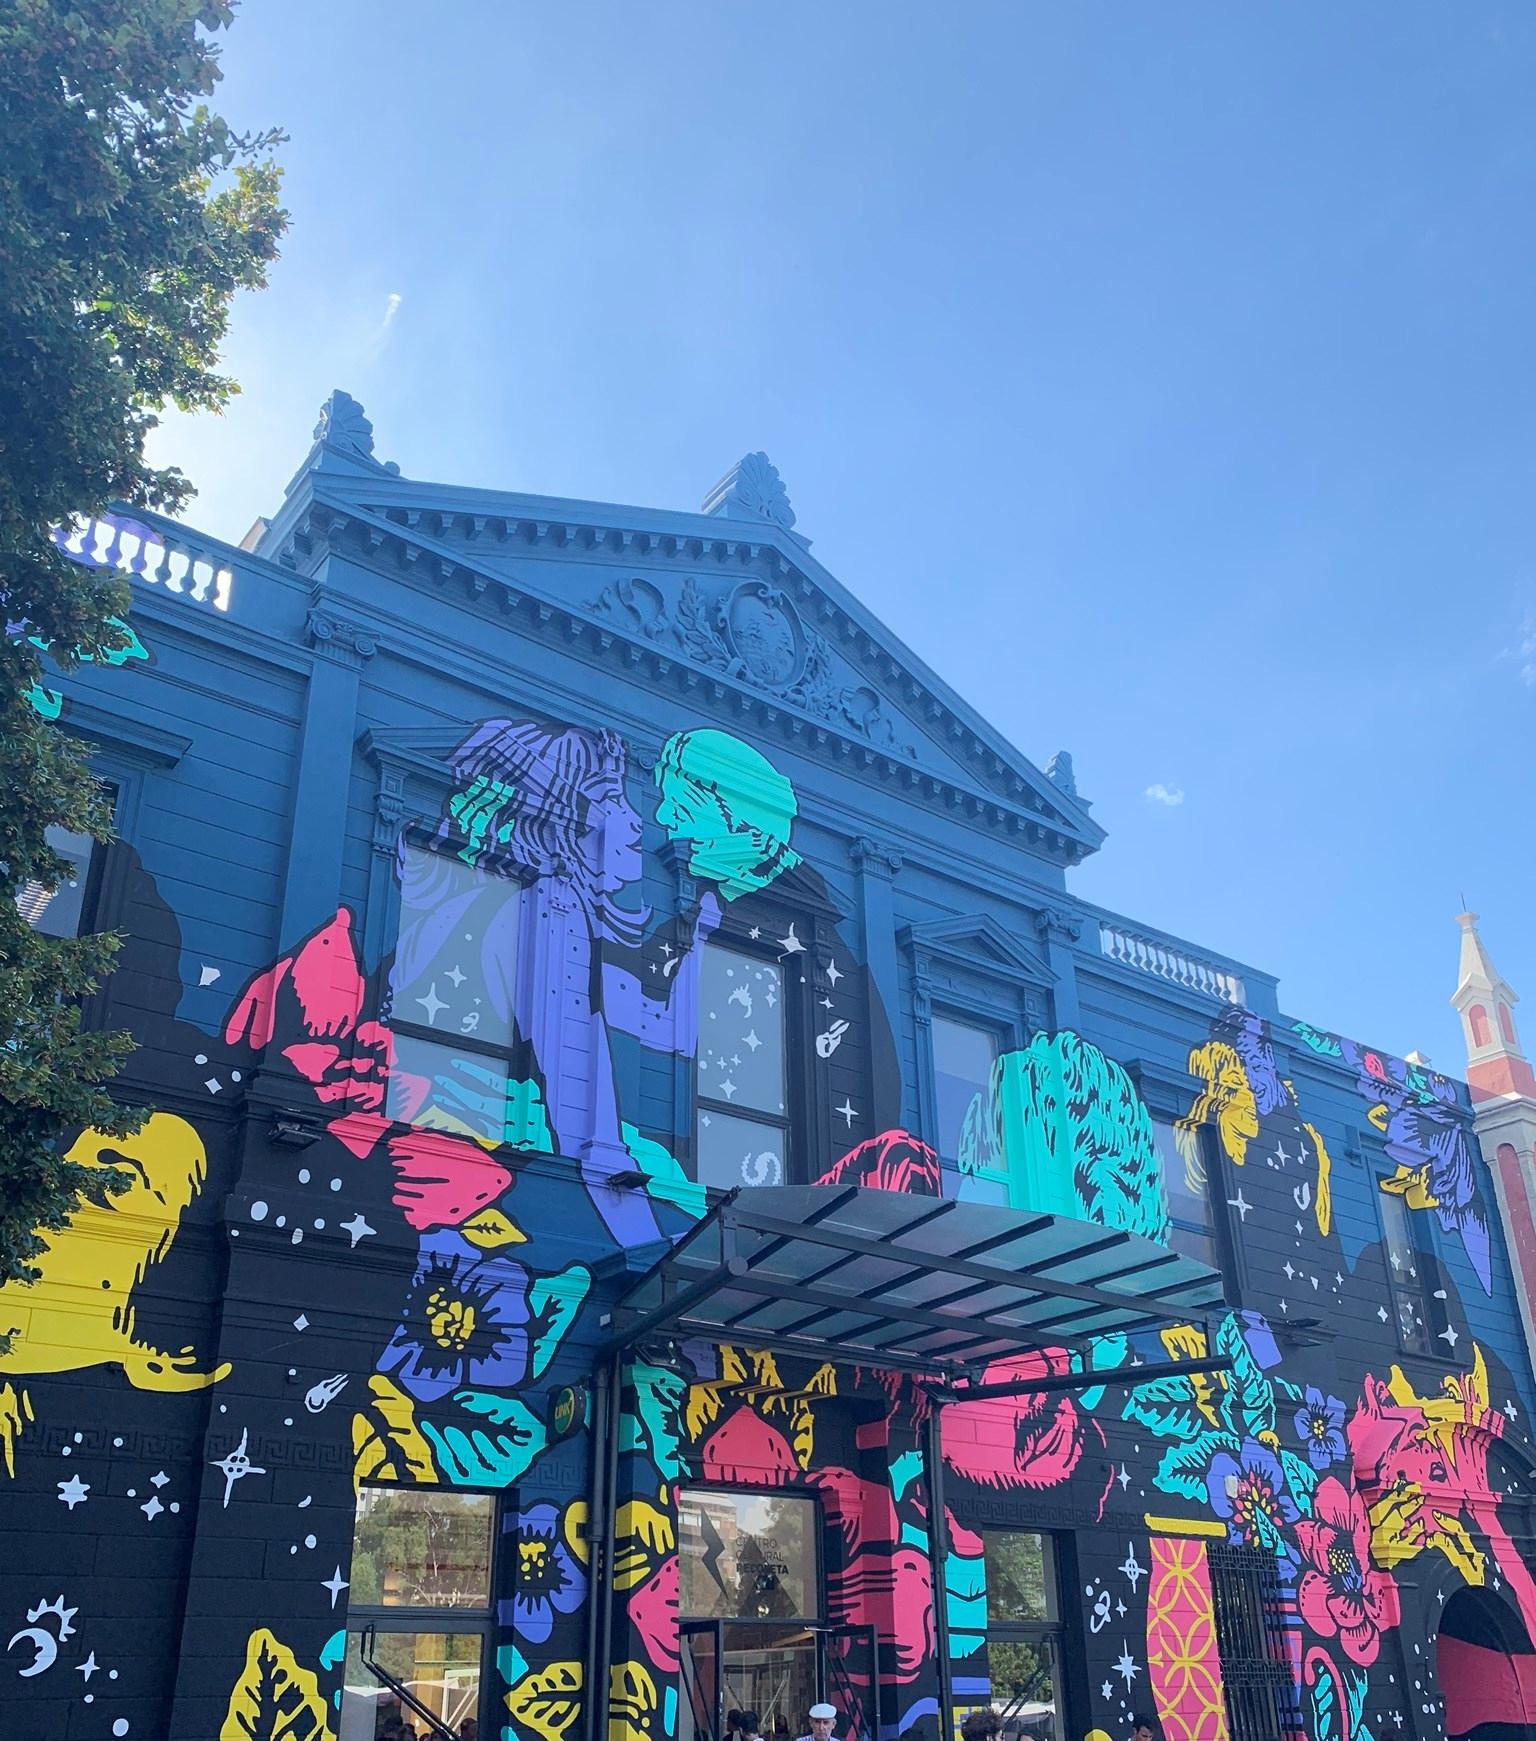 Centro Cultural Recoleta - Buenos Aires